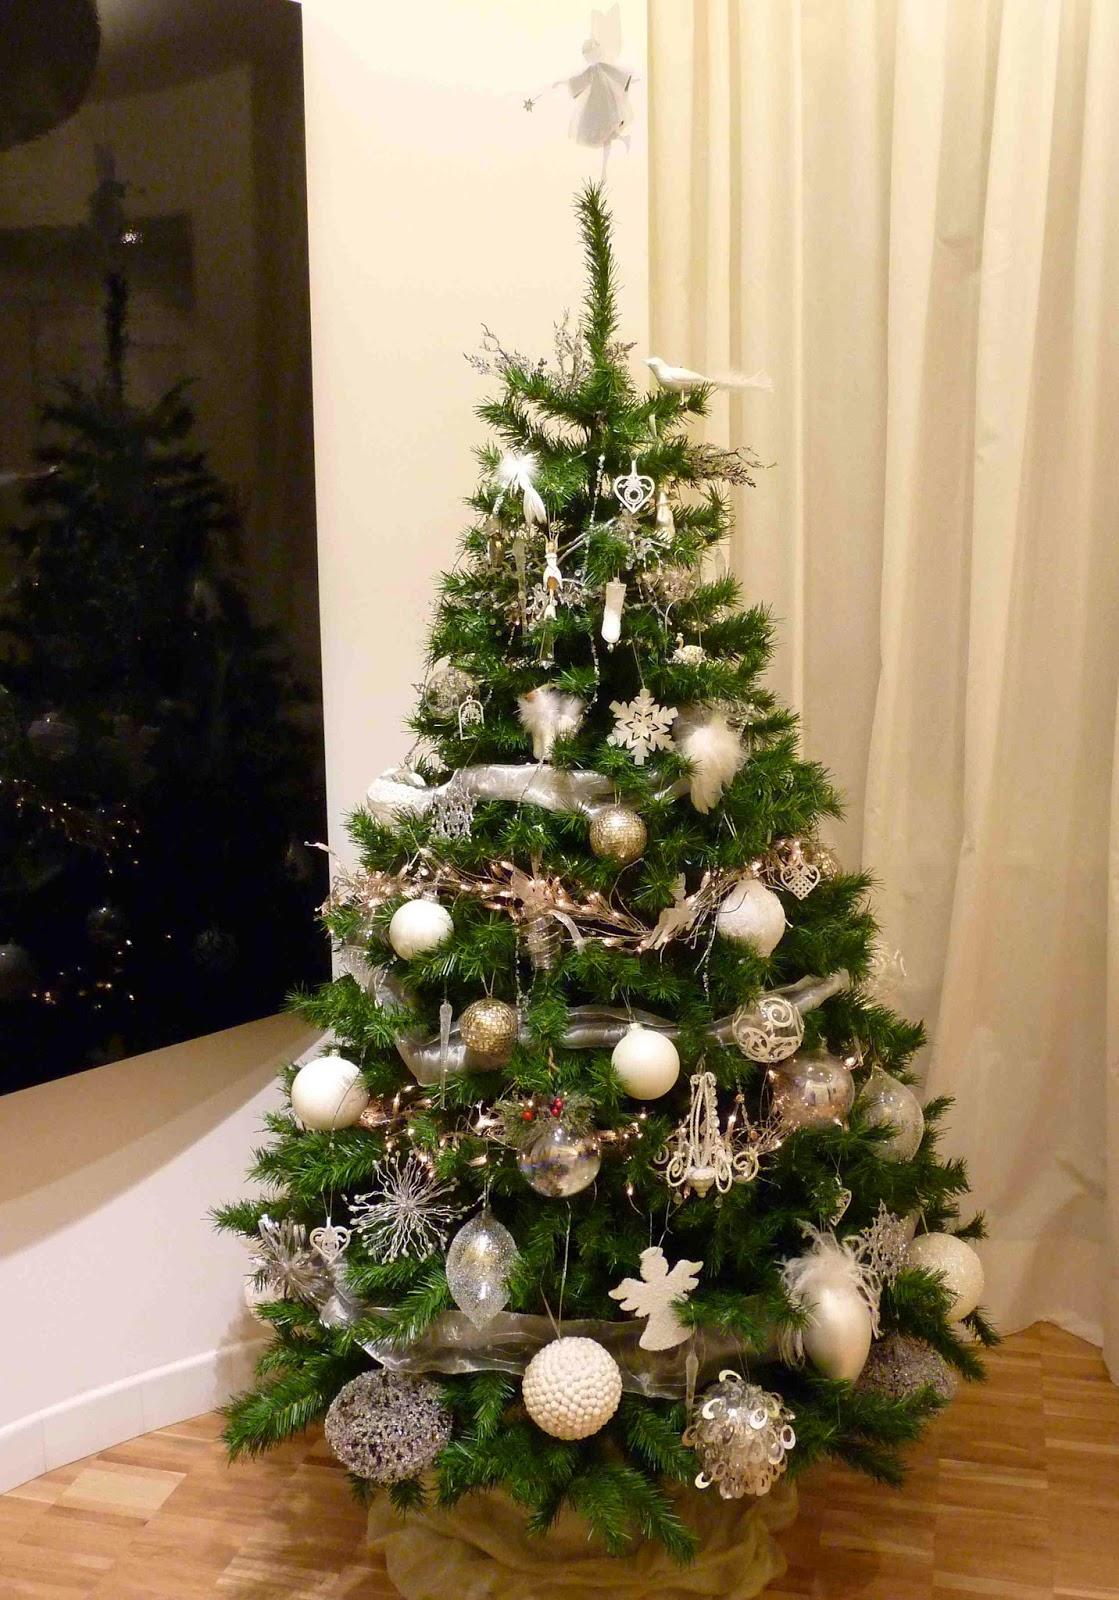 Il natale tutorial come scegliere l 39 albero di natale for Albero di natale vero